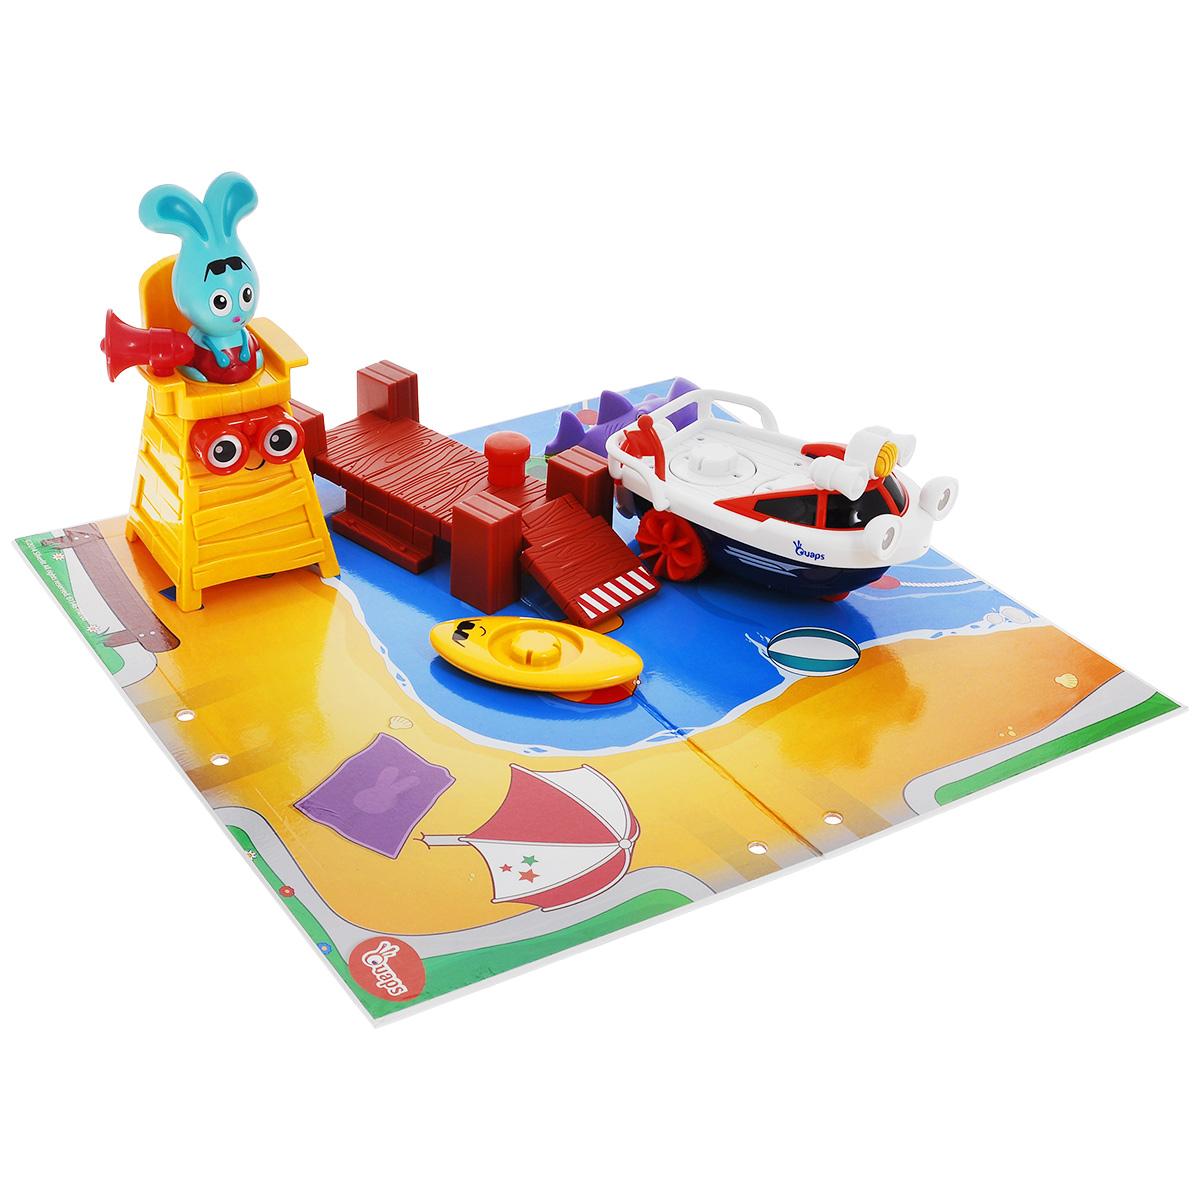 Игровой набор Quaps Спасатель Бани61146Игровой набор Quaps Спасатель Бани - это прекрасный подарок для малыша старше 18 месяцев. Набор выполнен в ярких красках и изготовлен из качественных материалов. Набор включает в себя пирс, игровой мат, спасательный катер, доску для серфинга, акулу, спасательную вышку, фигурку Бани. Бани распевает песенки сидя на спасательной вышке, при звуках сирены он кидается на помощь в воду на своем катере. Сирена включается при нажатии на рупор. Также Бани может отправиться на помощь на доске для серфинга. При нажатии на бинокль – Бани выпрыгнет из кресла вышки и отправится на помощь. Можно разместить Бани и его друзей на спасательном катере и запустить его (возможно играть на ровной поверхности или воде). Для запуска необходимо потянуть за спасательный круг. Ваш ребенок часами будет играть с этим набором, придумывая различные истории. Порадуйте его таким замечательным подарком! Рекомендуется докупить2 батарейки напряжением 1,5V типа ААА (товар комплектуется...